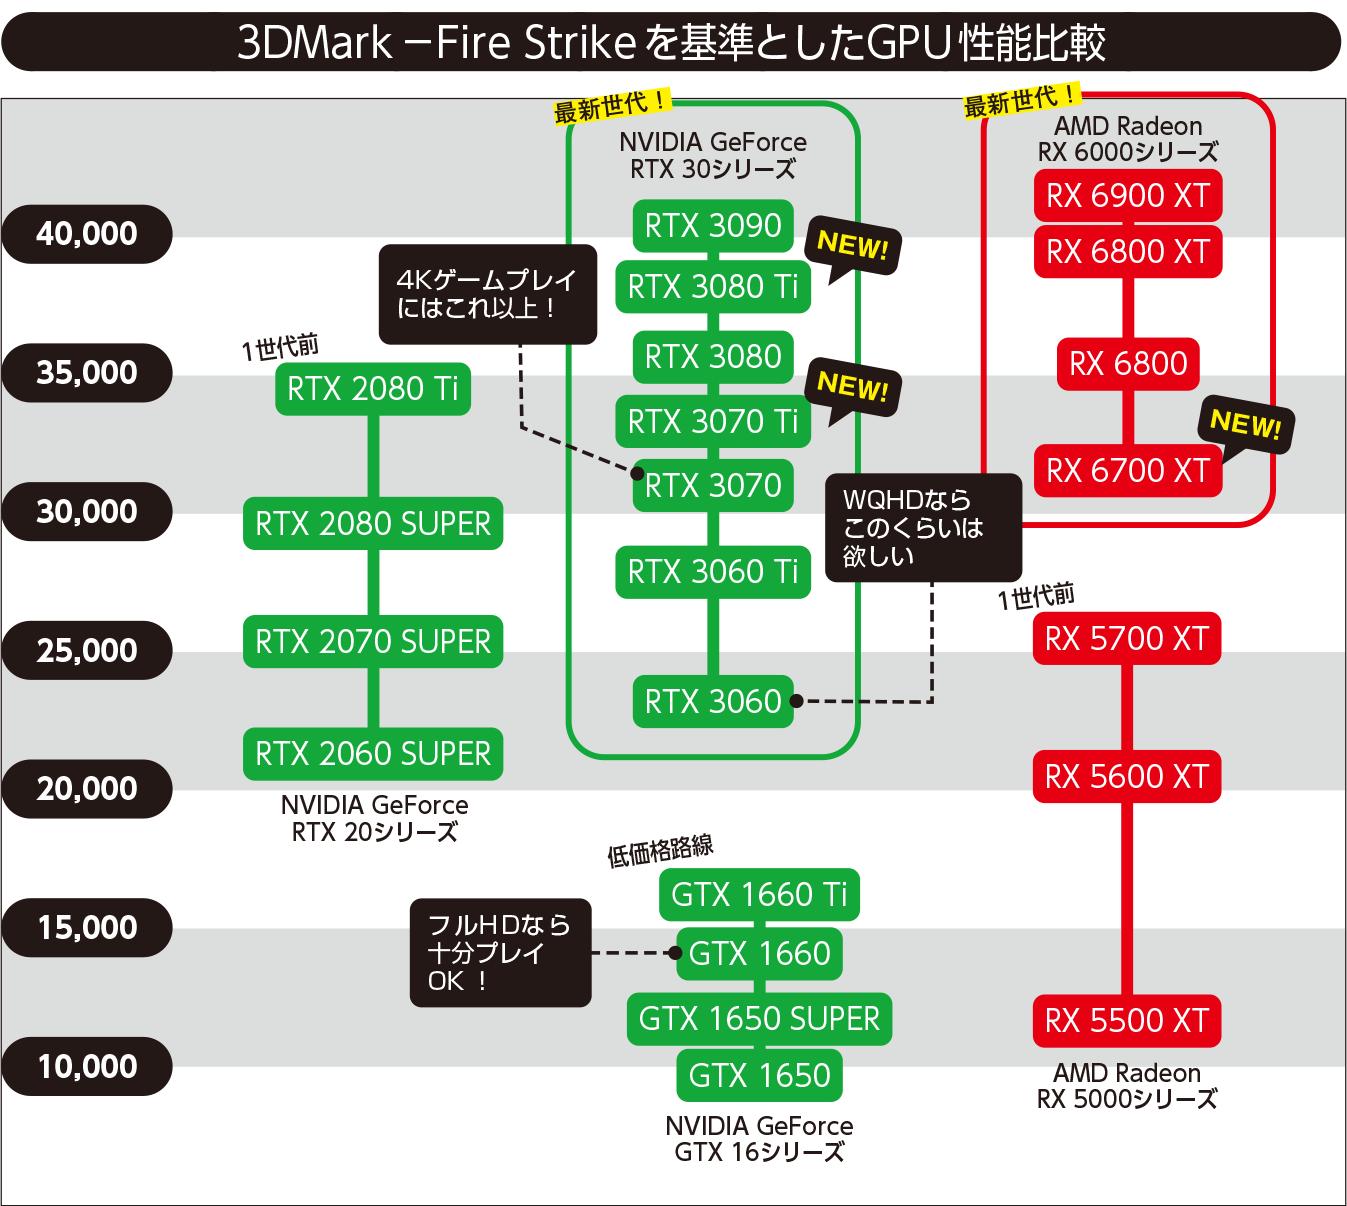 ベンチマークテスト「3DMark」のテストプログラムの一つ「Fire Strike」のスコアをベースに主要GPUの序列を整理したのがこの図。フルHD解像度ならGeForce GTX 1650で大抵のゲームは及第点の画質でプレイが可能。GTX 1660以上なら快適だろう。画質設定にもよるが、WQHDならRTX 3060、4KならRTX 3070が最低ラインといったところだ。なお、この序列はあくまでも特定のテストの結果を図版化したもの。実際のゲームでの性能比較は、世代間の差や同世代内での序列はおおむねこの図のとおりになるが、GeForceとRadeonの差はタイトルによっても異なる場合がある